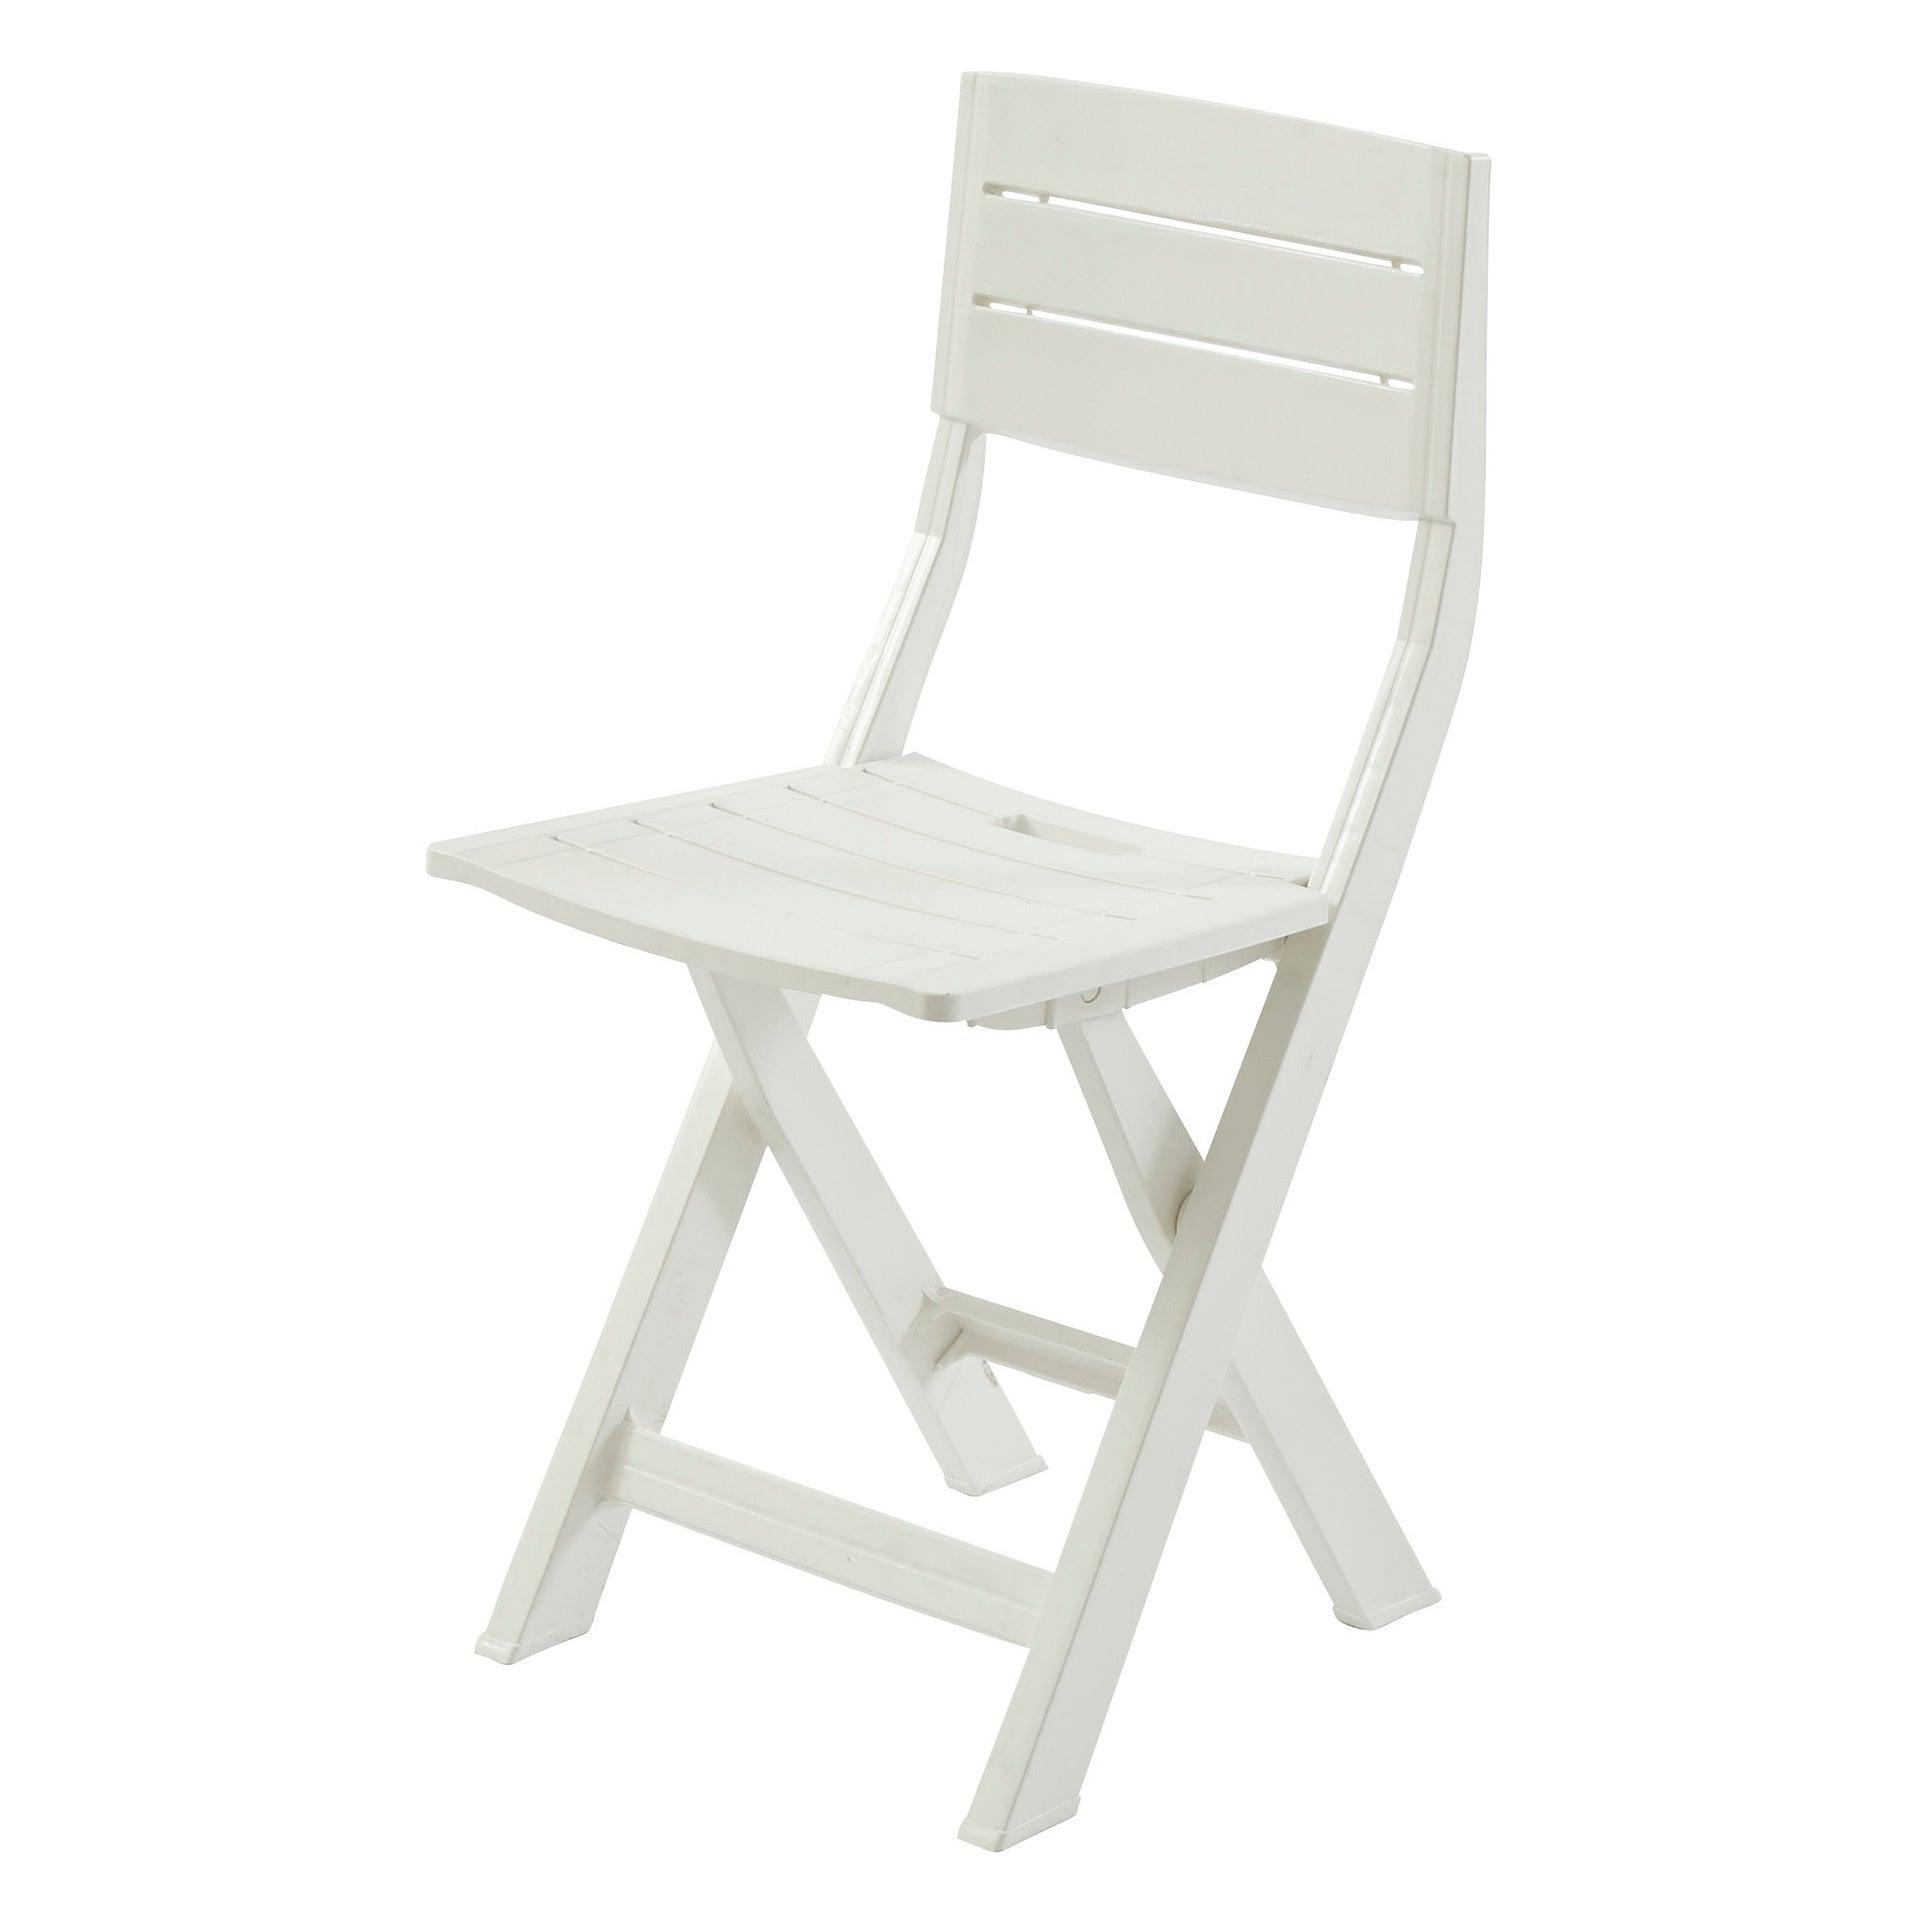 Chaise de jardin en résine injectée Gilda blanc